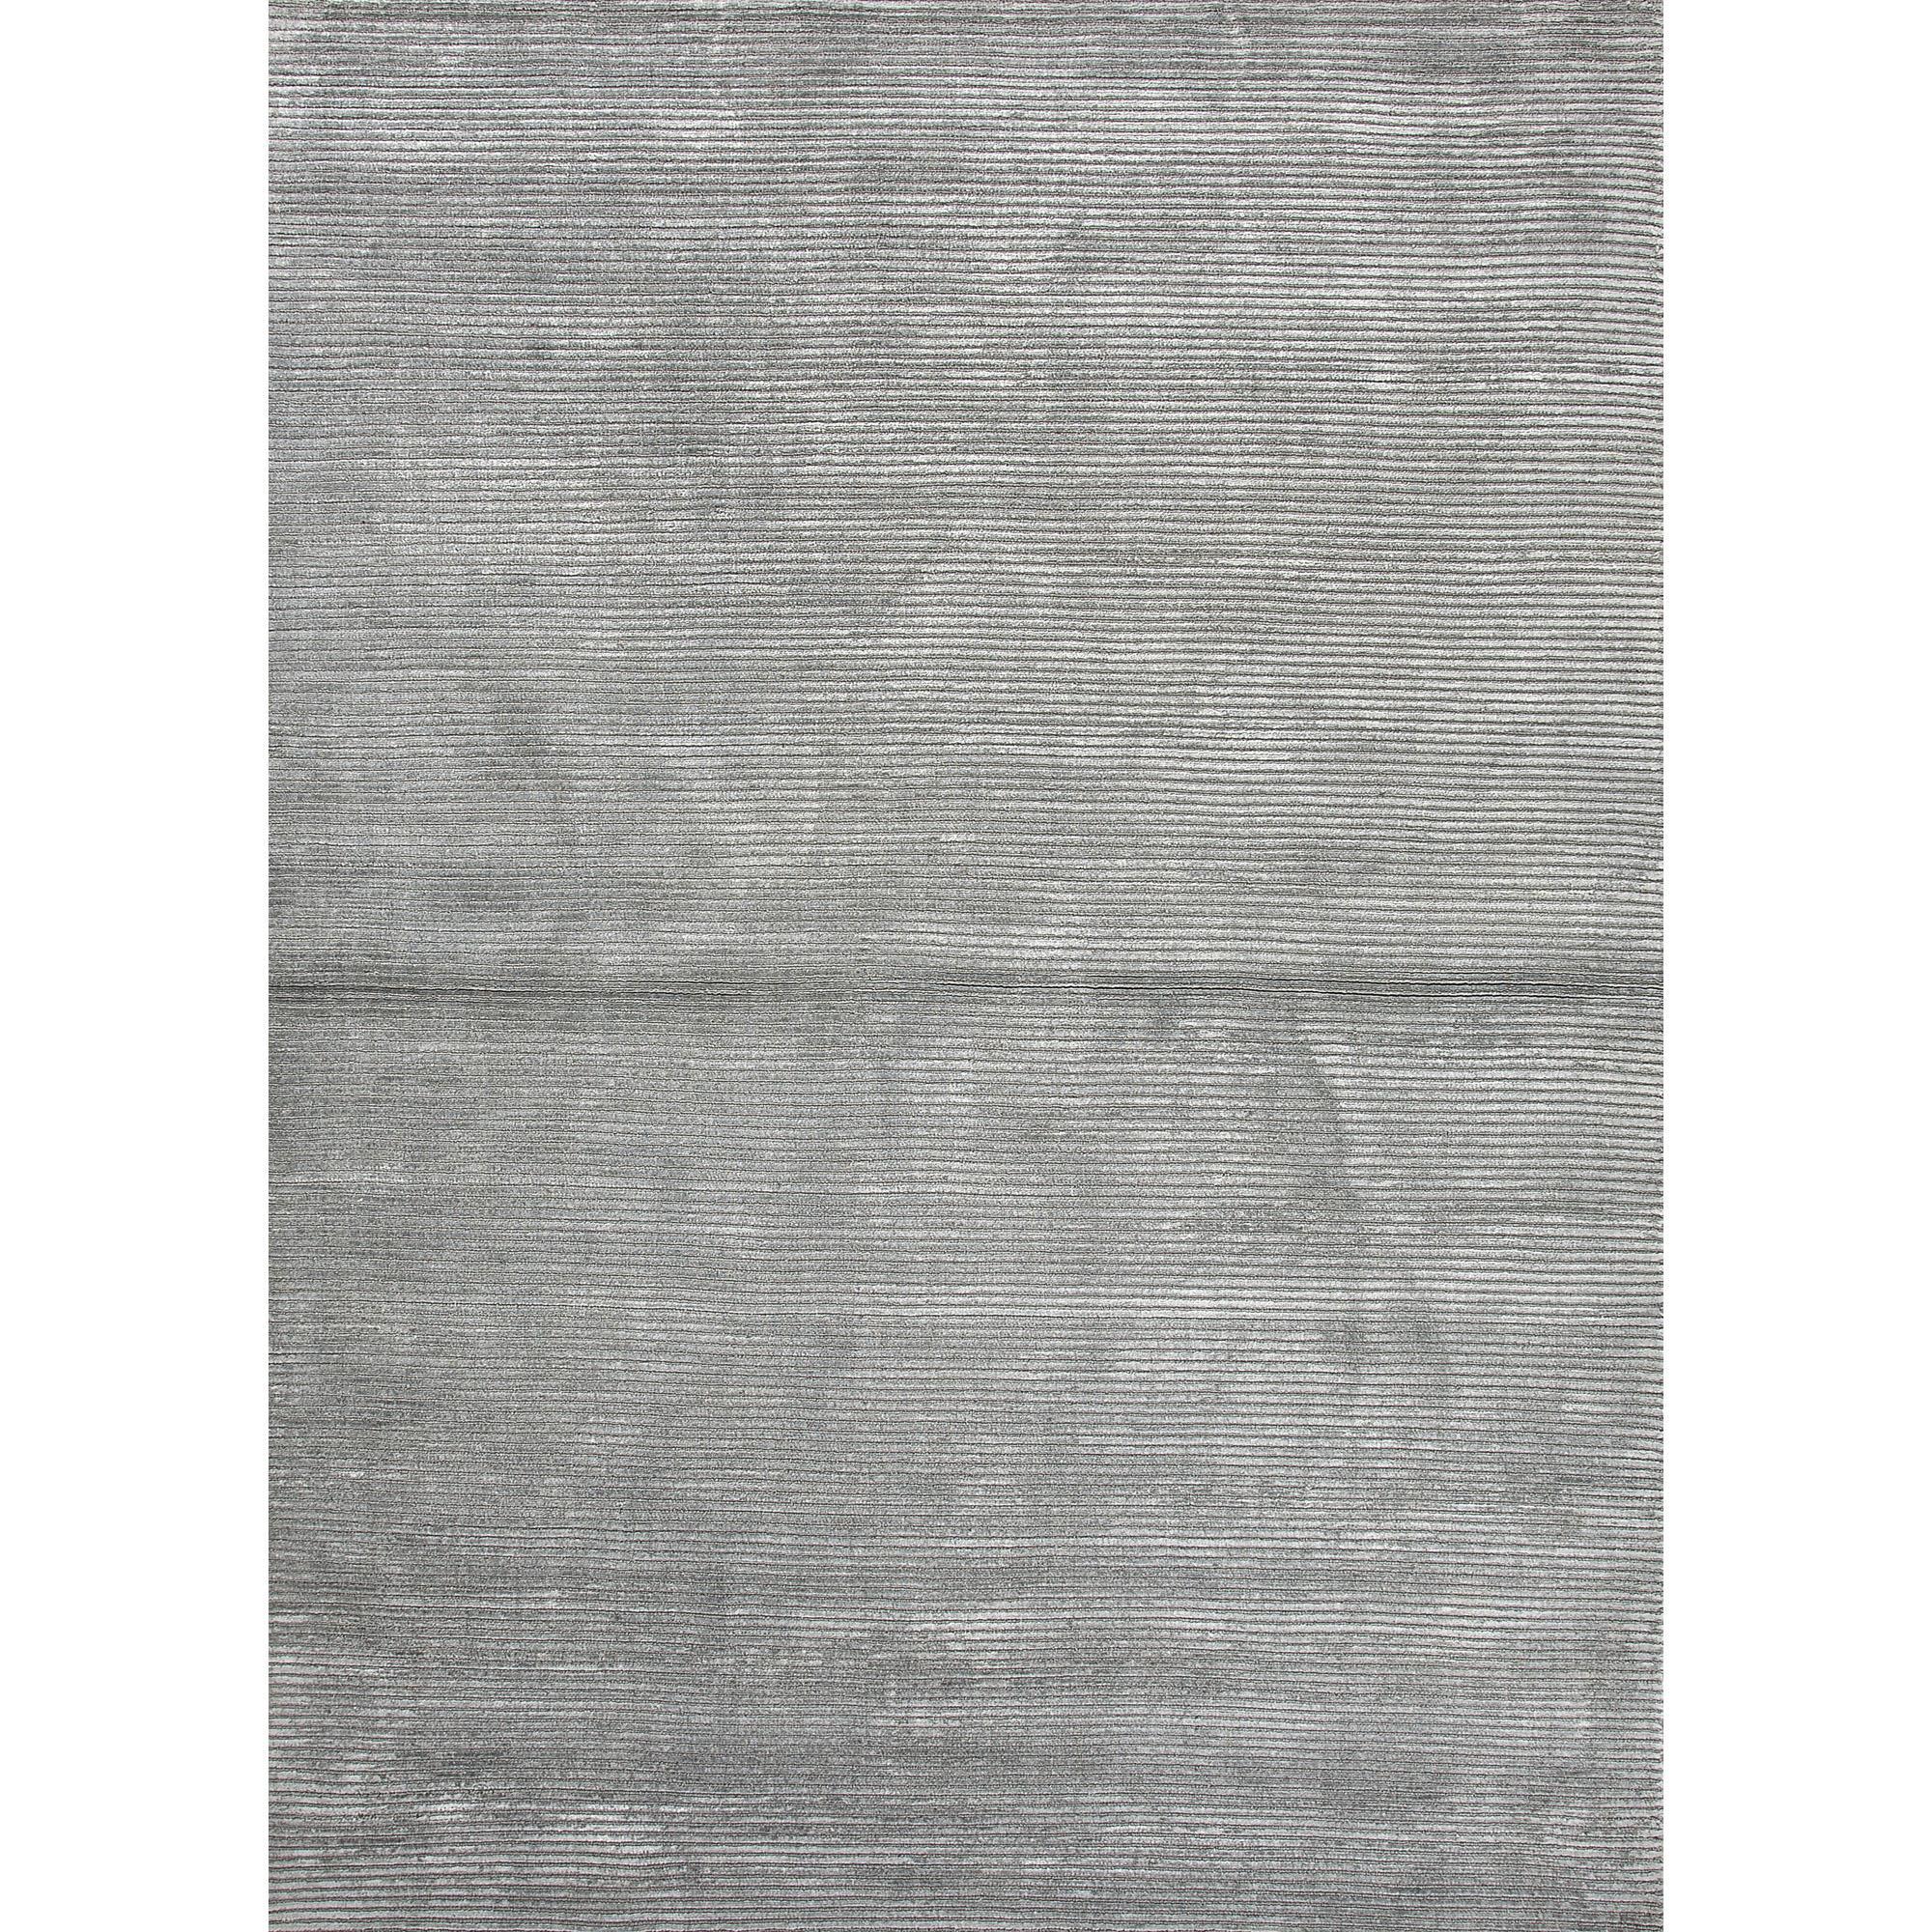 JAIPUR Rugs Basis 3.6 x 5.6 Rug - Item Number: RUG100310